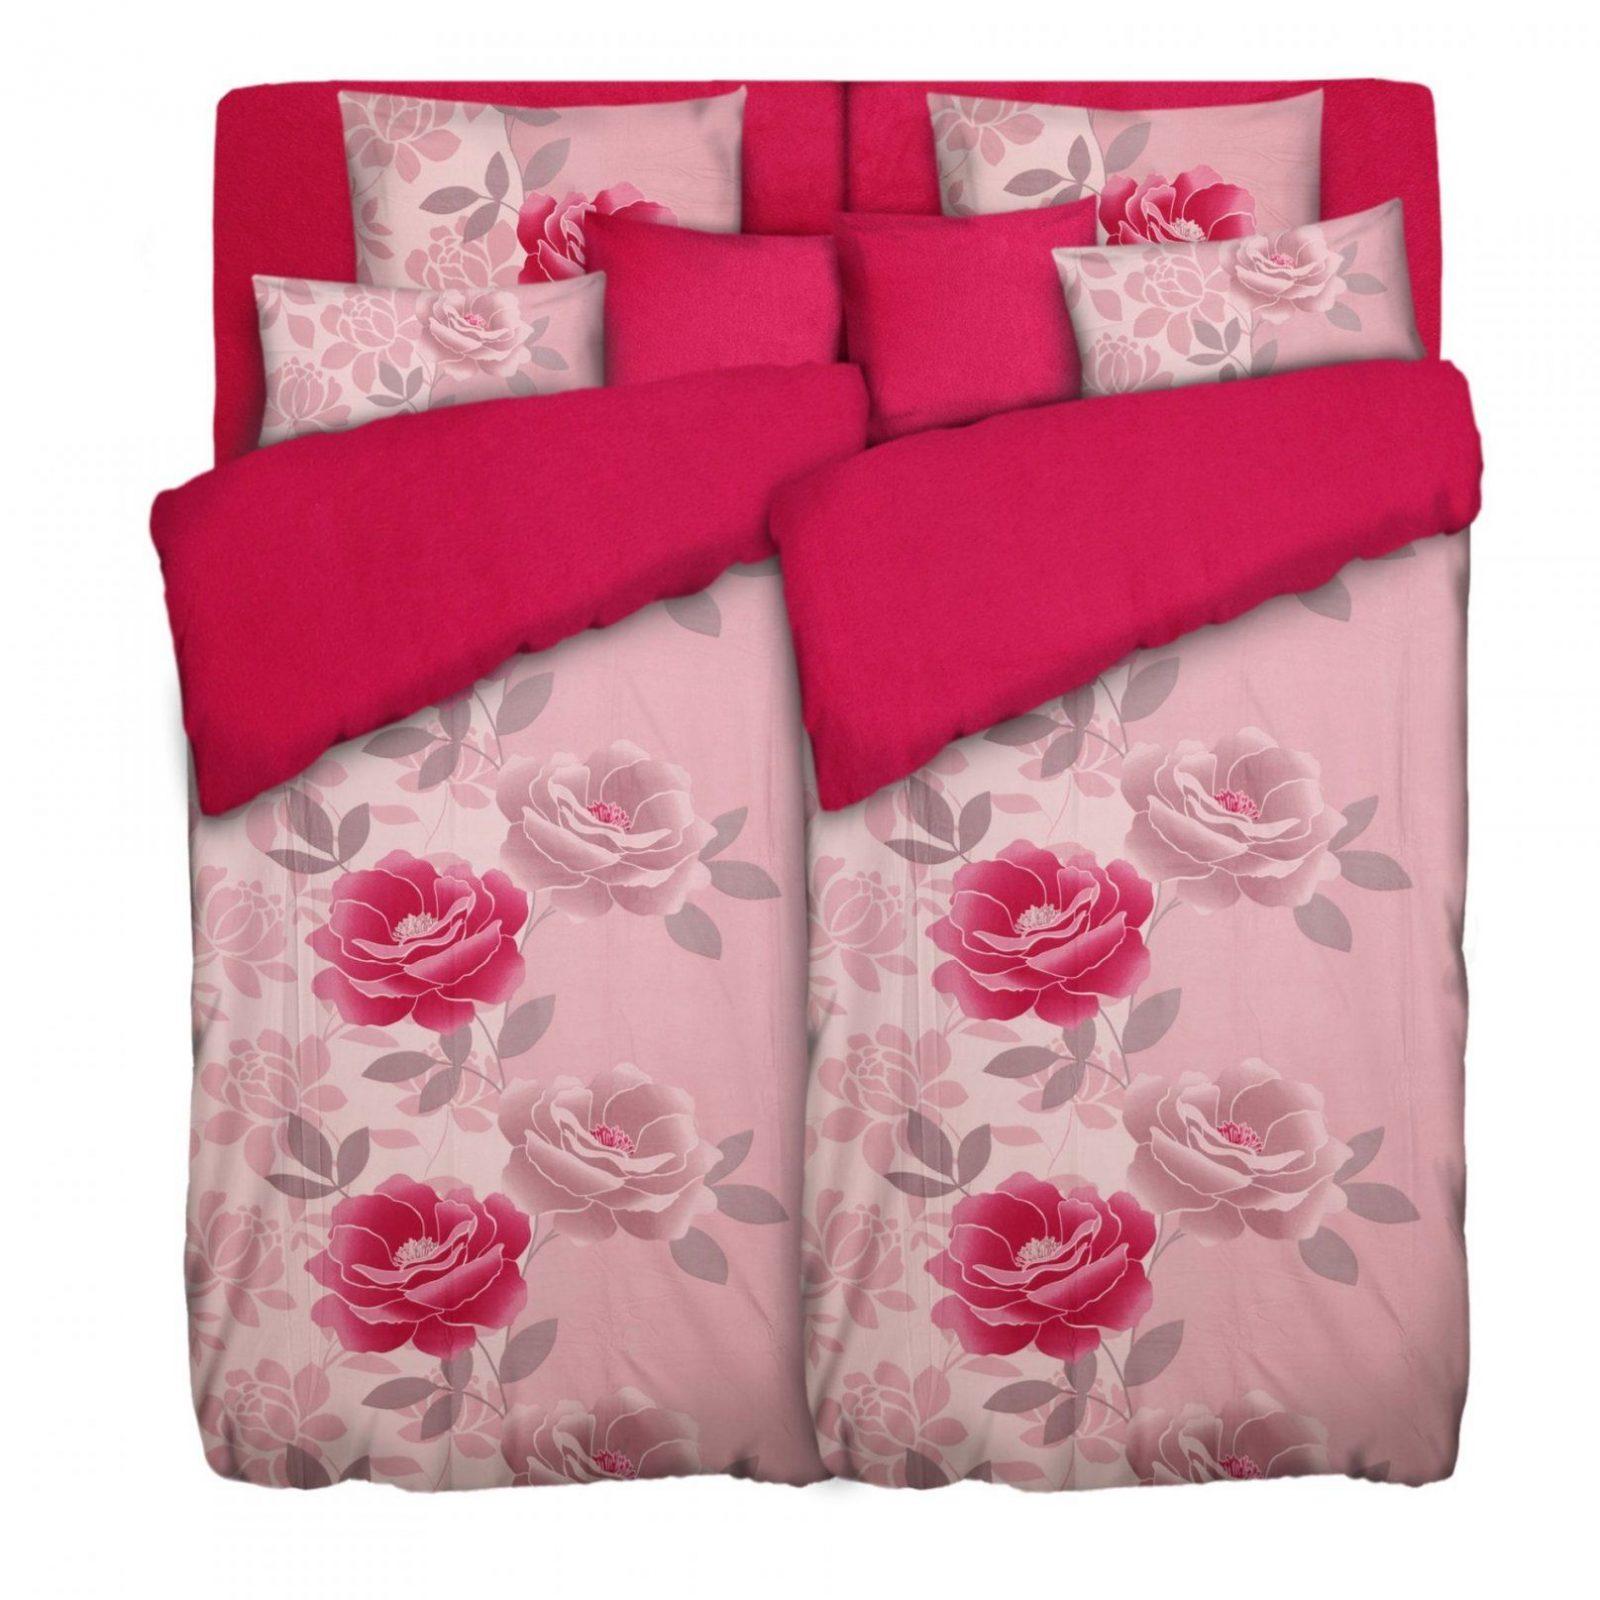 Wunderbar Bettwäsche In Vielen Designs Online Bestellen — Qvc Für von Kinderbettwäsche Bei Qvc Bild